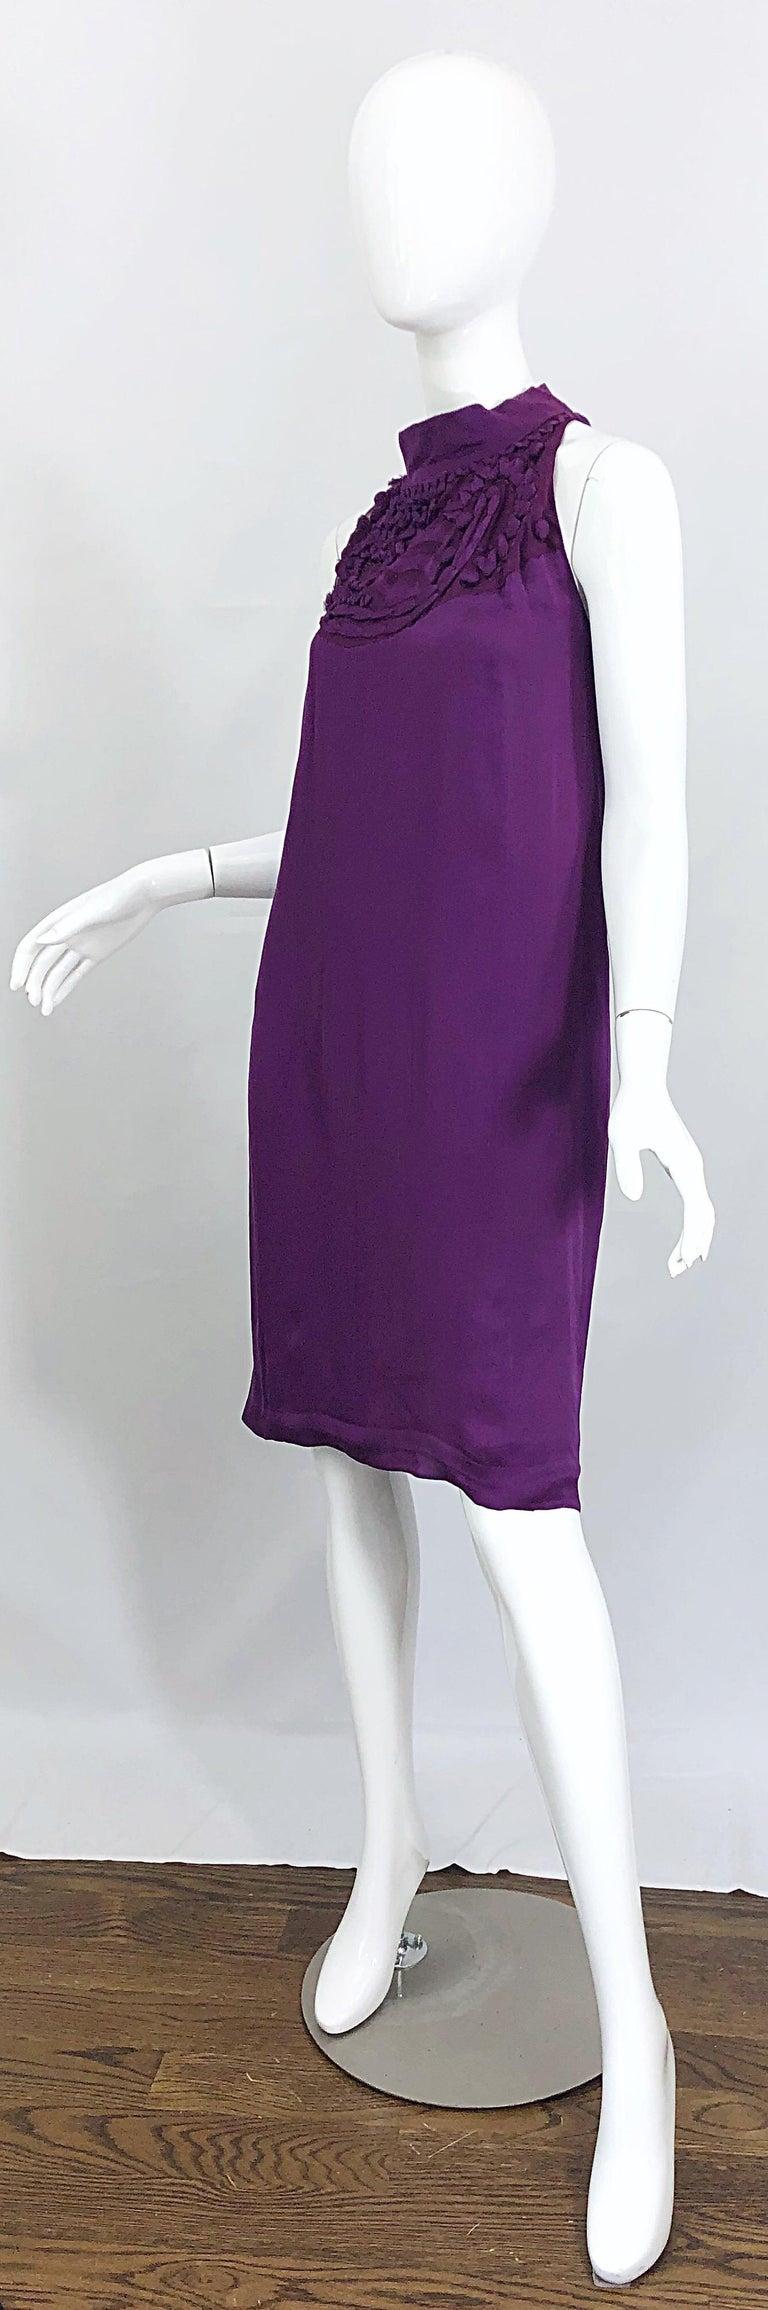 Yves Saint Laurent A / W 2007 Purple Silk Size 40 / US 8 YSL Rive Gauche Dress For Sale 1